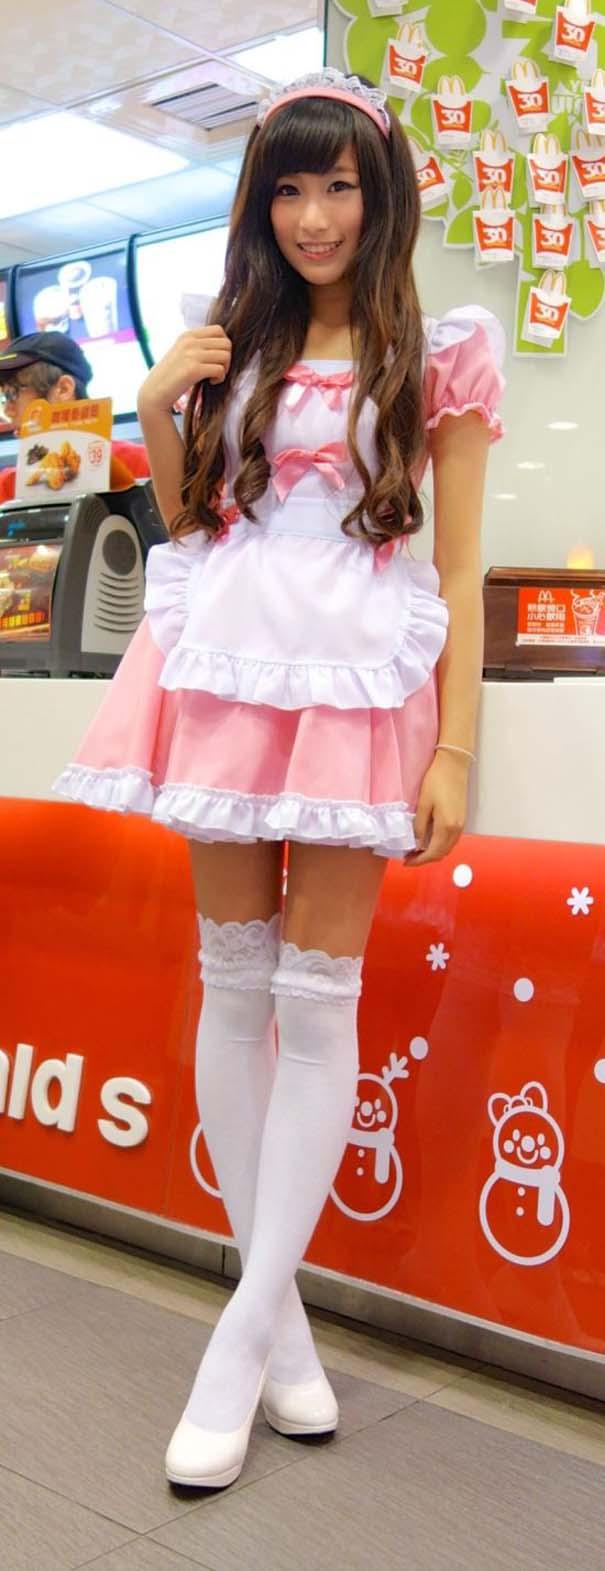 Τα κορίτσια των McDonald's στην Ταϊβάν (4)